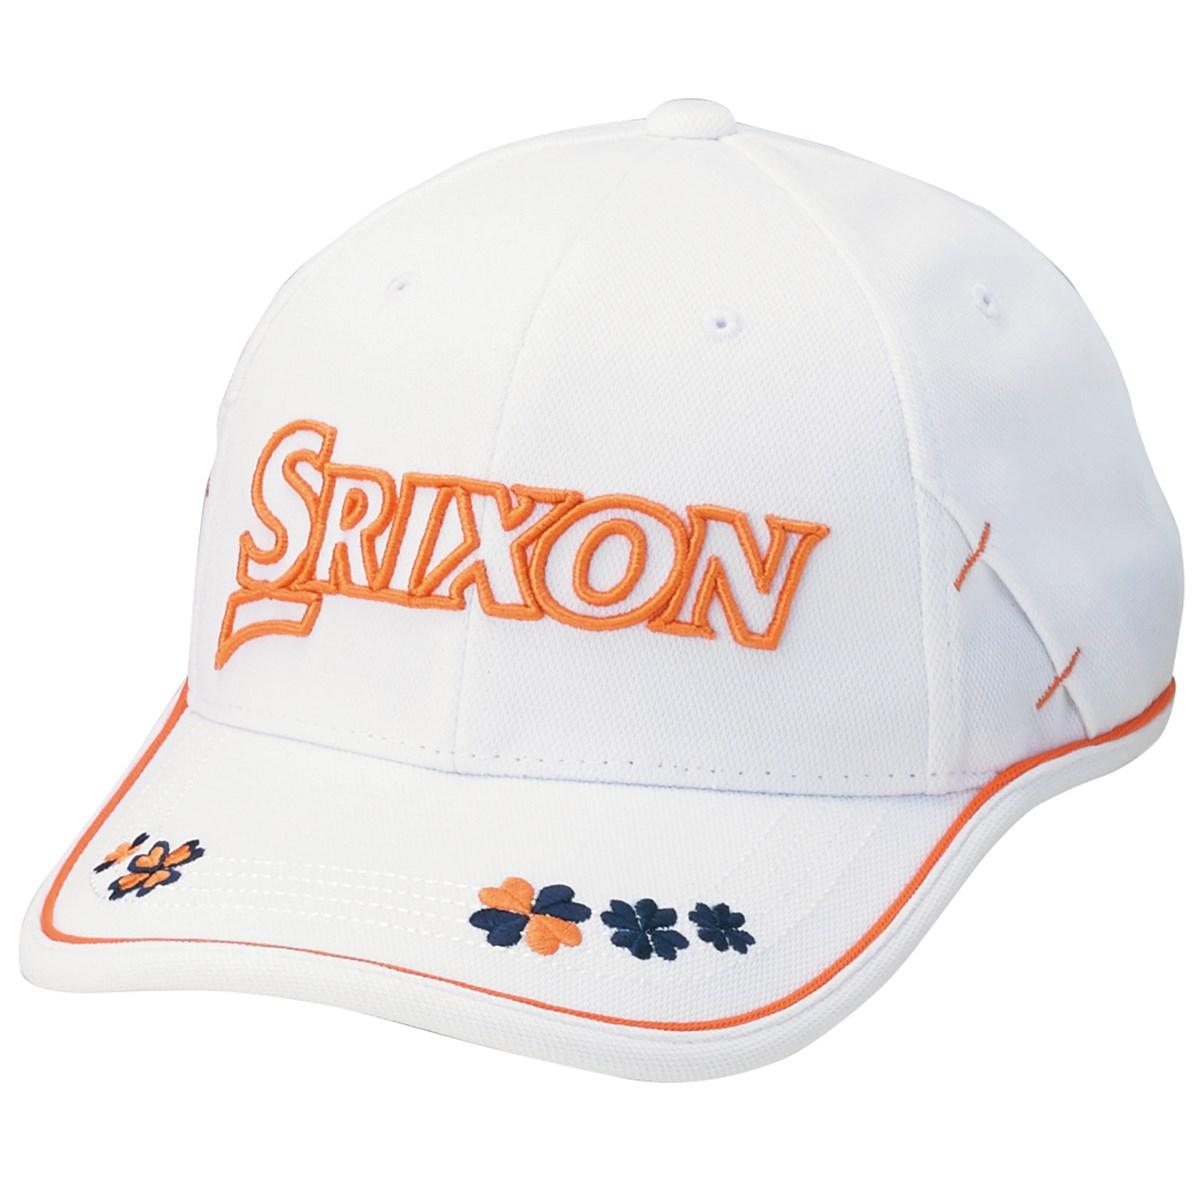 ダンロップ SRIXON キャップ フリー ホワイトオレンジ レディス